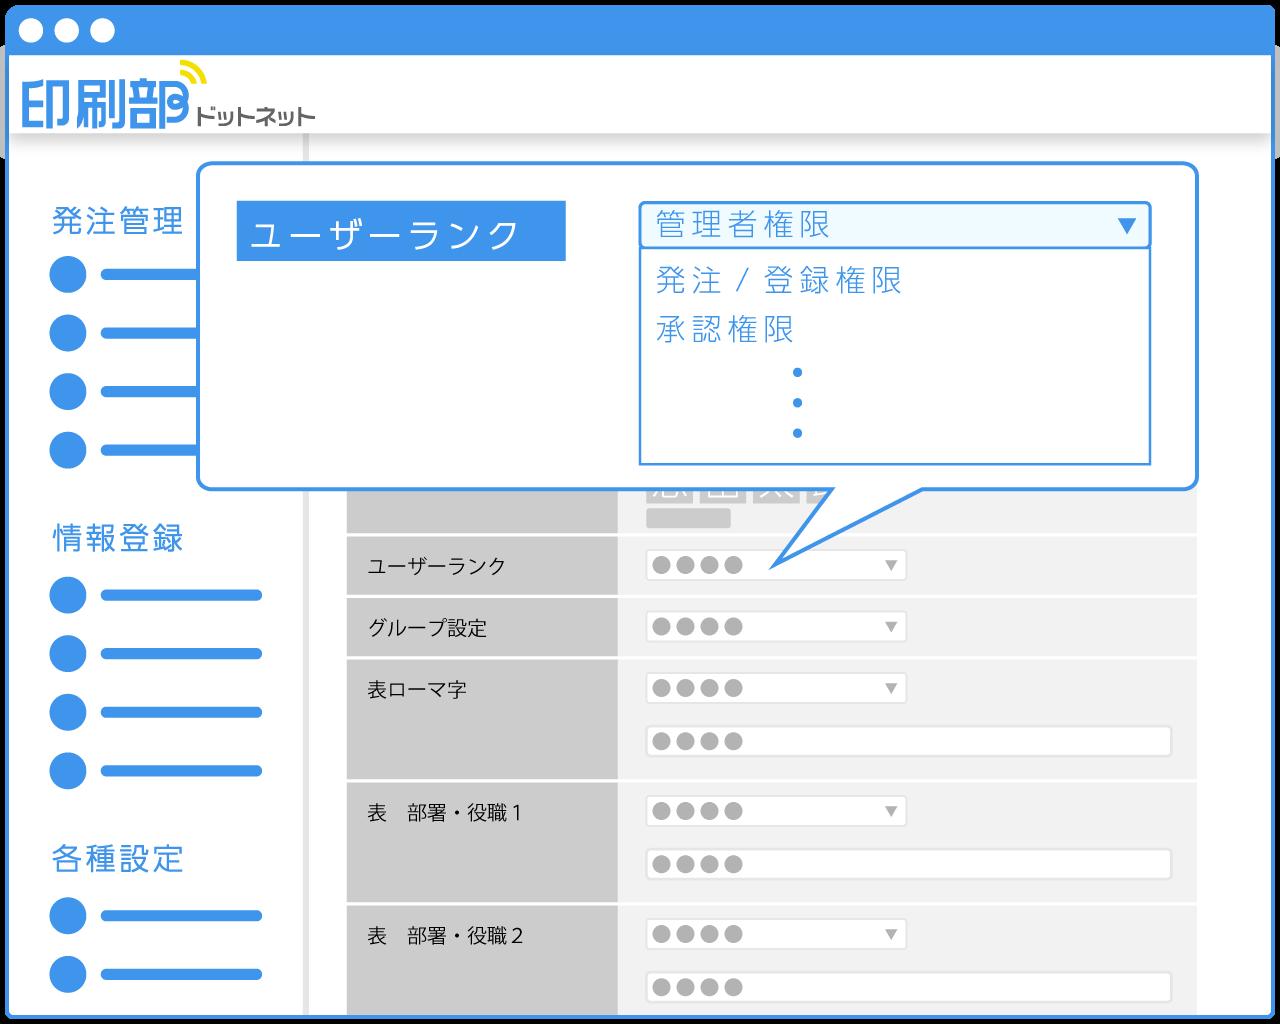 印刷部ドットネットの作業権限設定機能イメージ